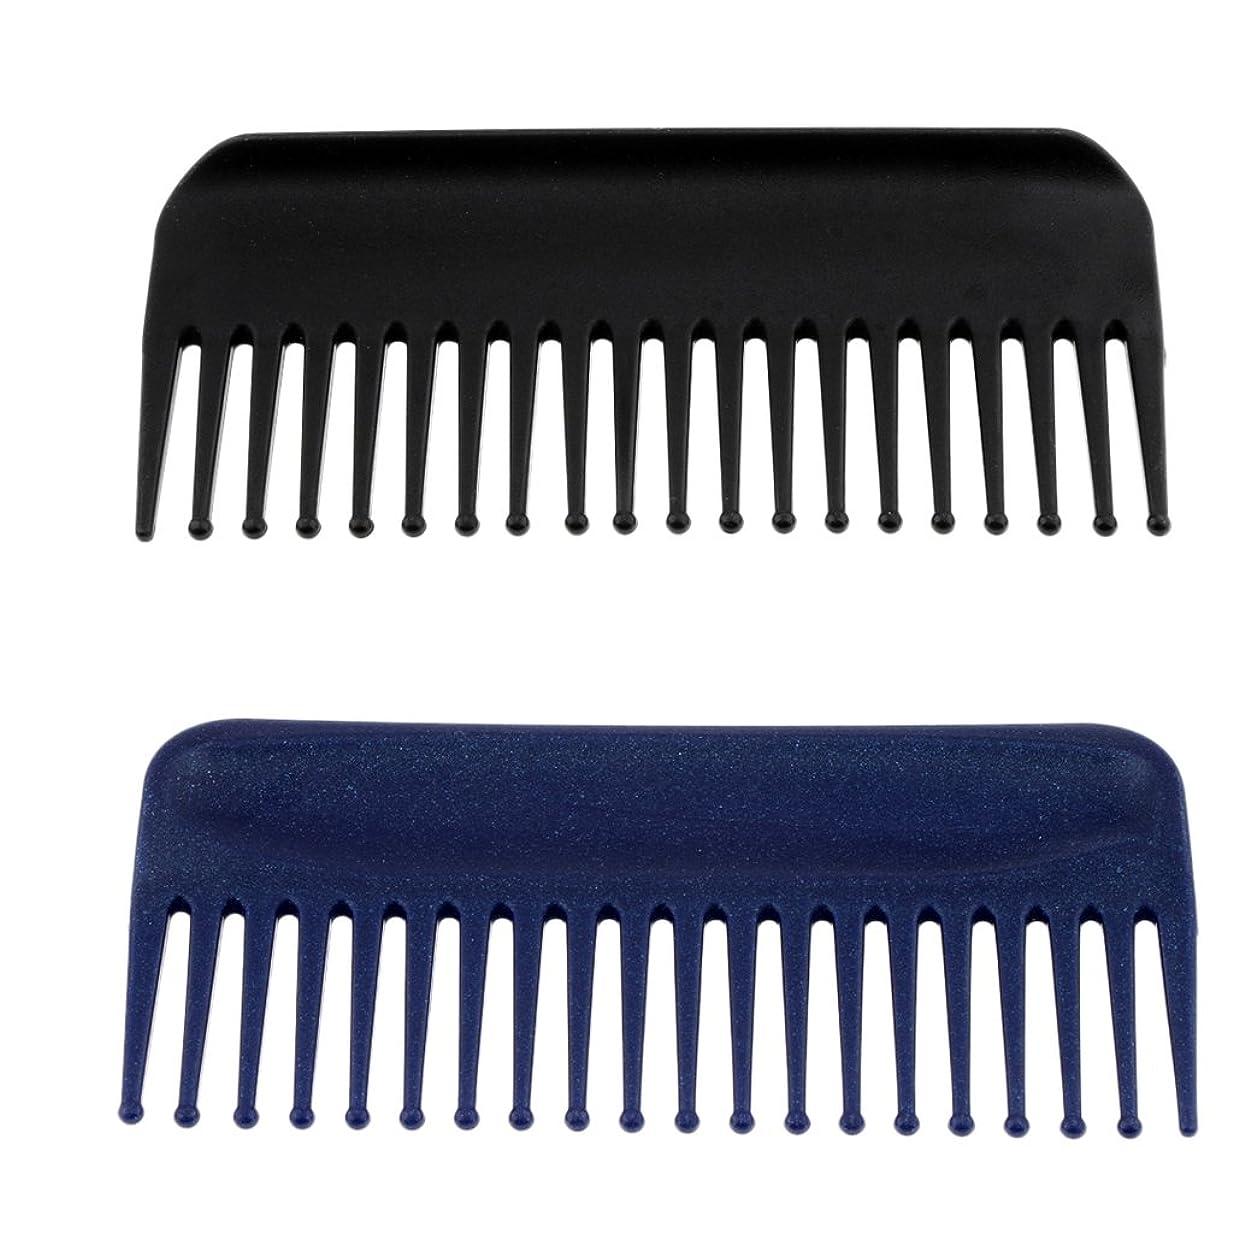 素晴らしい良い多くの凍ったミットBlesiya コーム 櫛 ヘアコーム ヘアブラシ  マッサージ 美髪ケア 快適 プラスチック製 2個